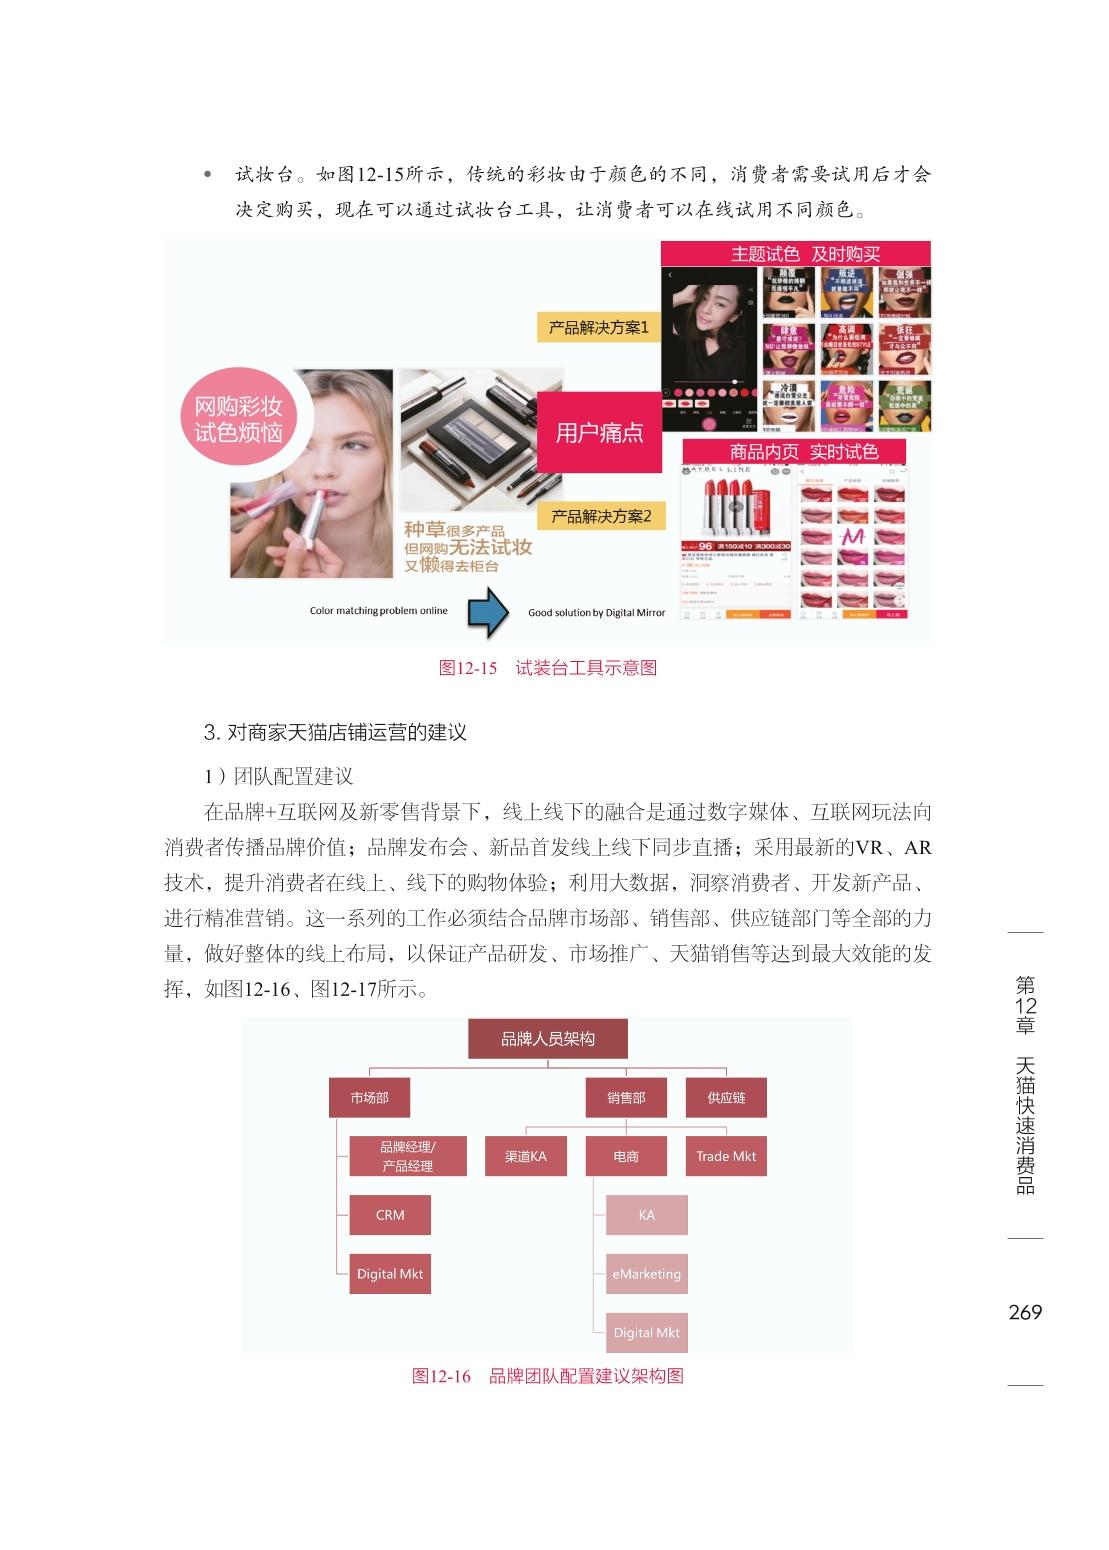 美妆行业策略-9